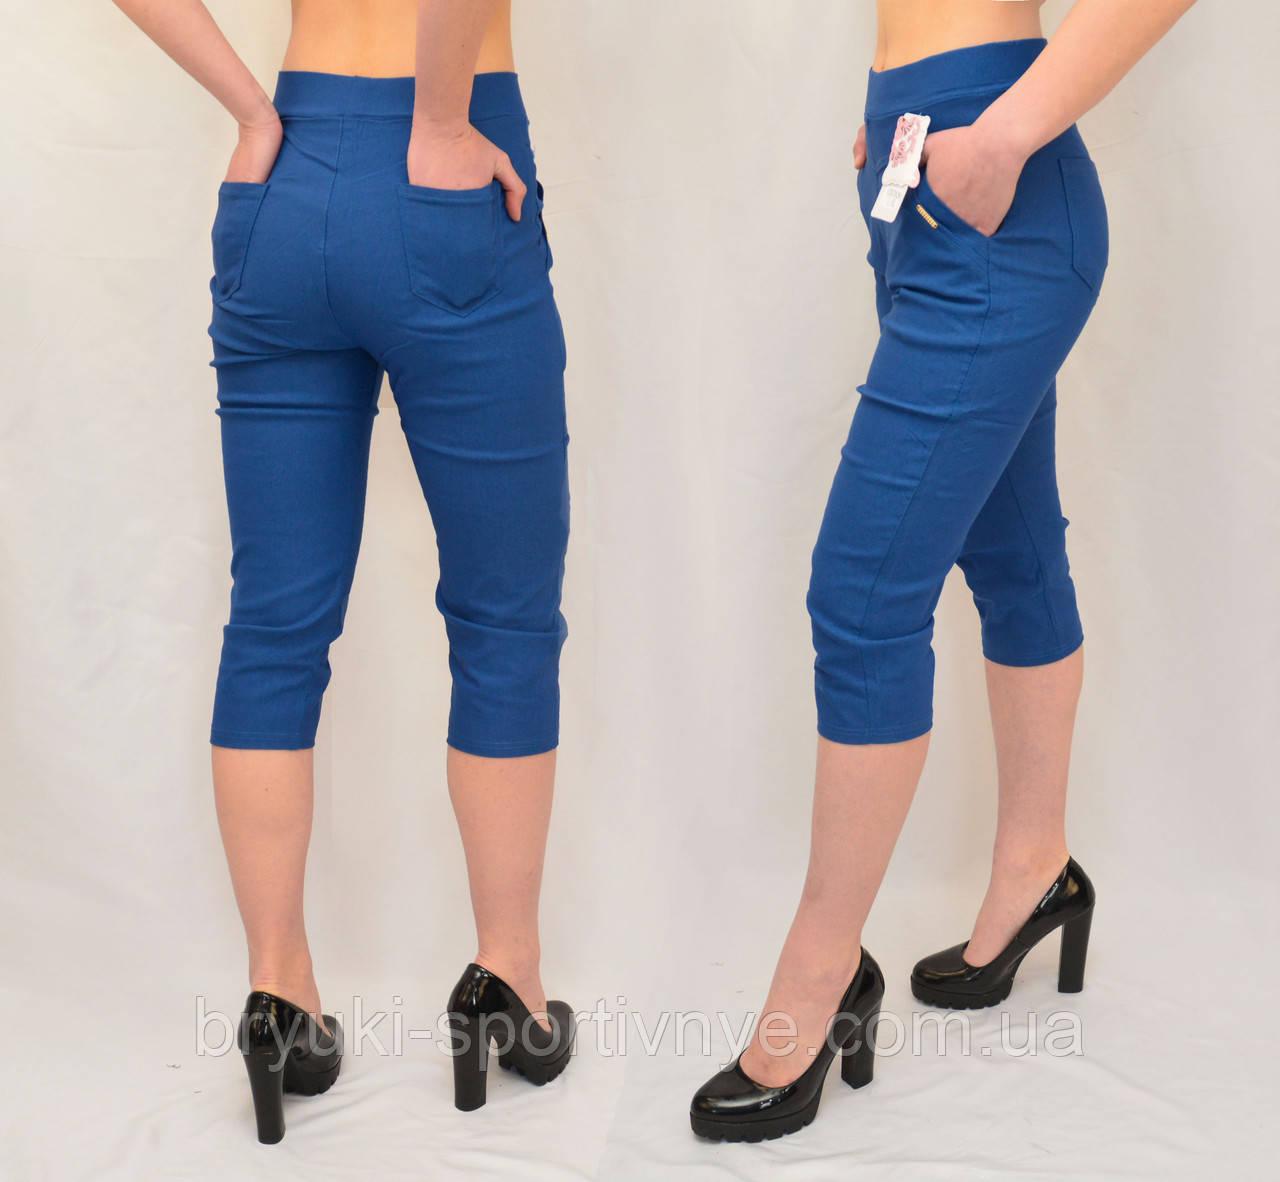 Бриджи женские яркие  хлопковые Капри стрейчевые в джинсовом цвете (Польша) L/XL